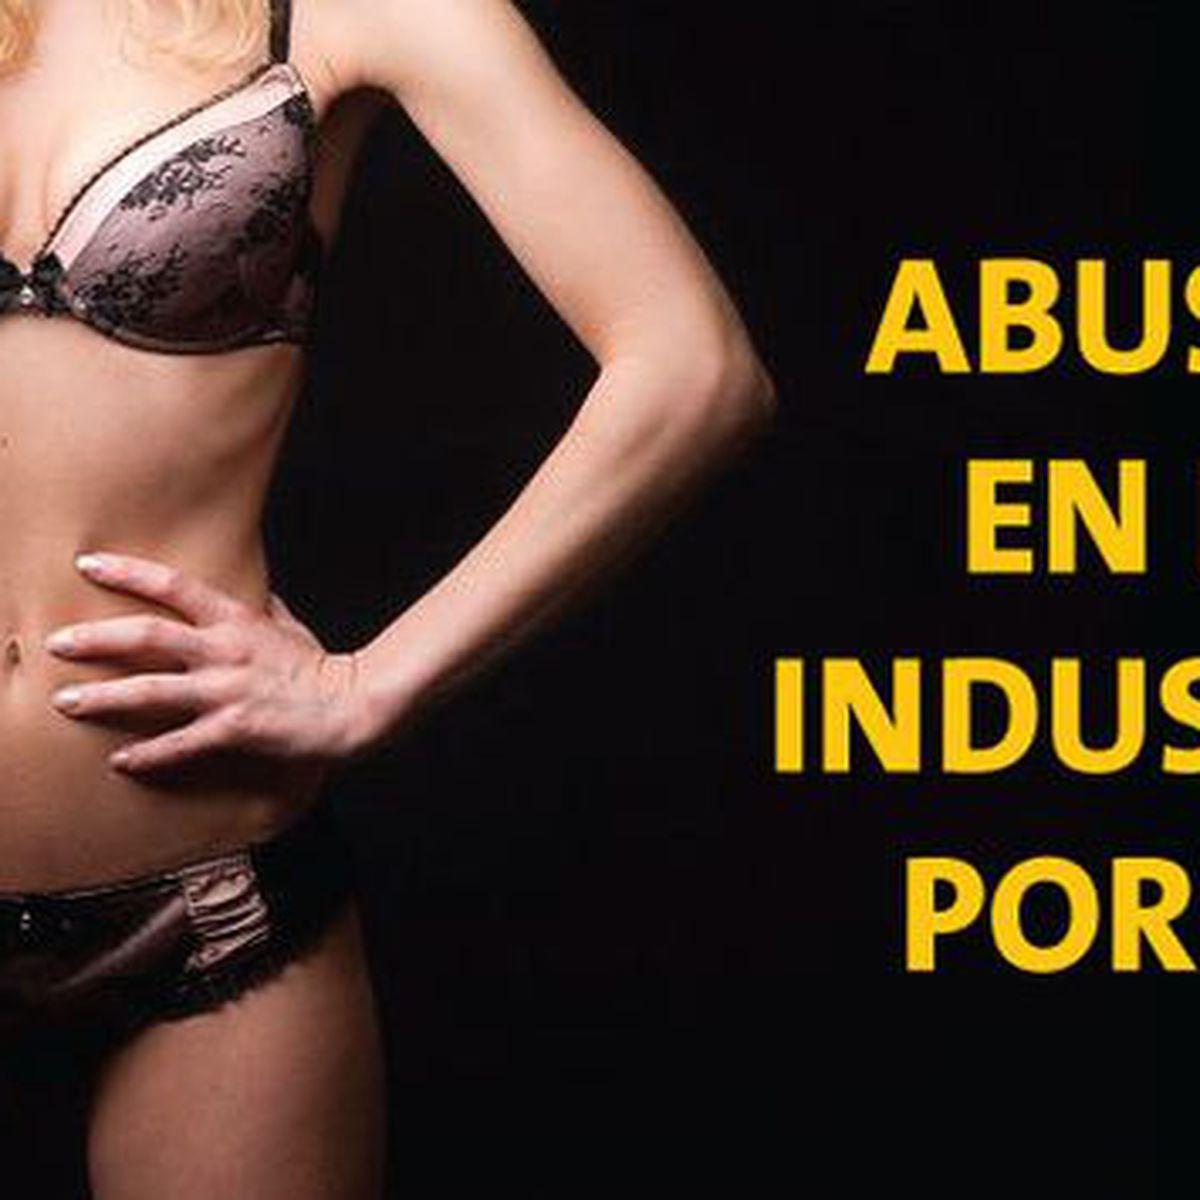 Actrices De Peliculas Que Han Hecho Videos Porno actrices porno sufren violaciones en rodaje de películas